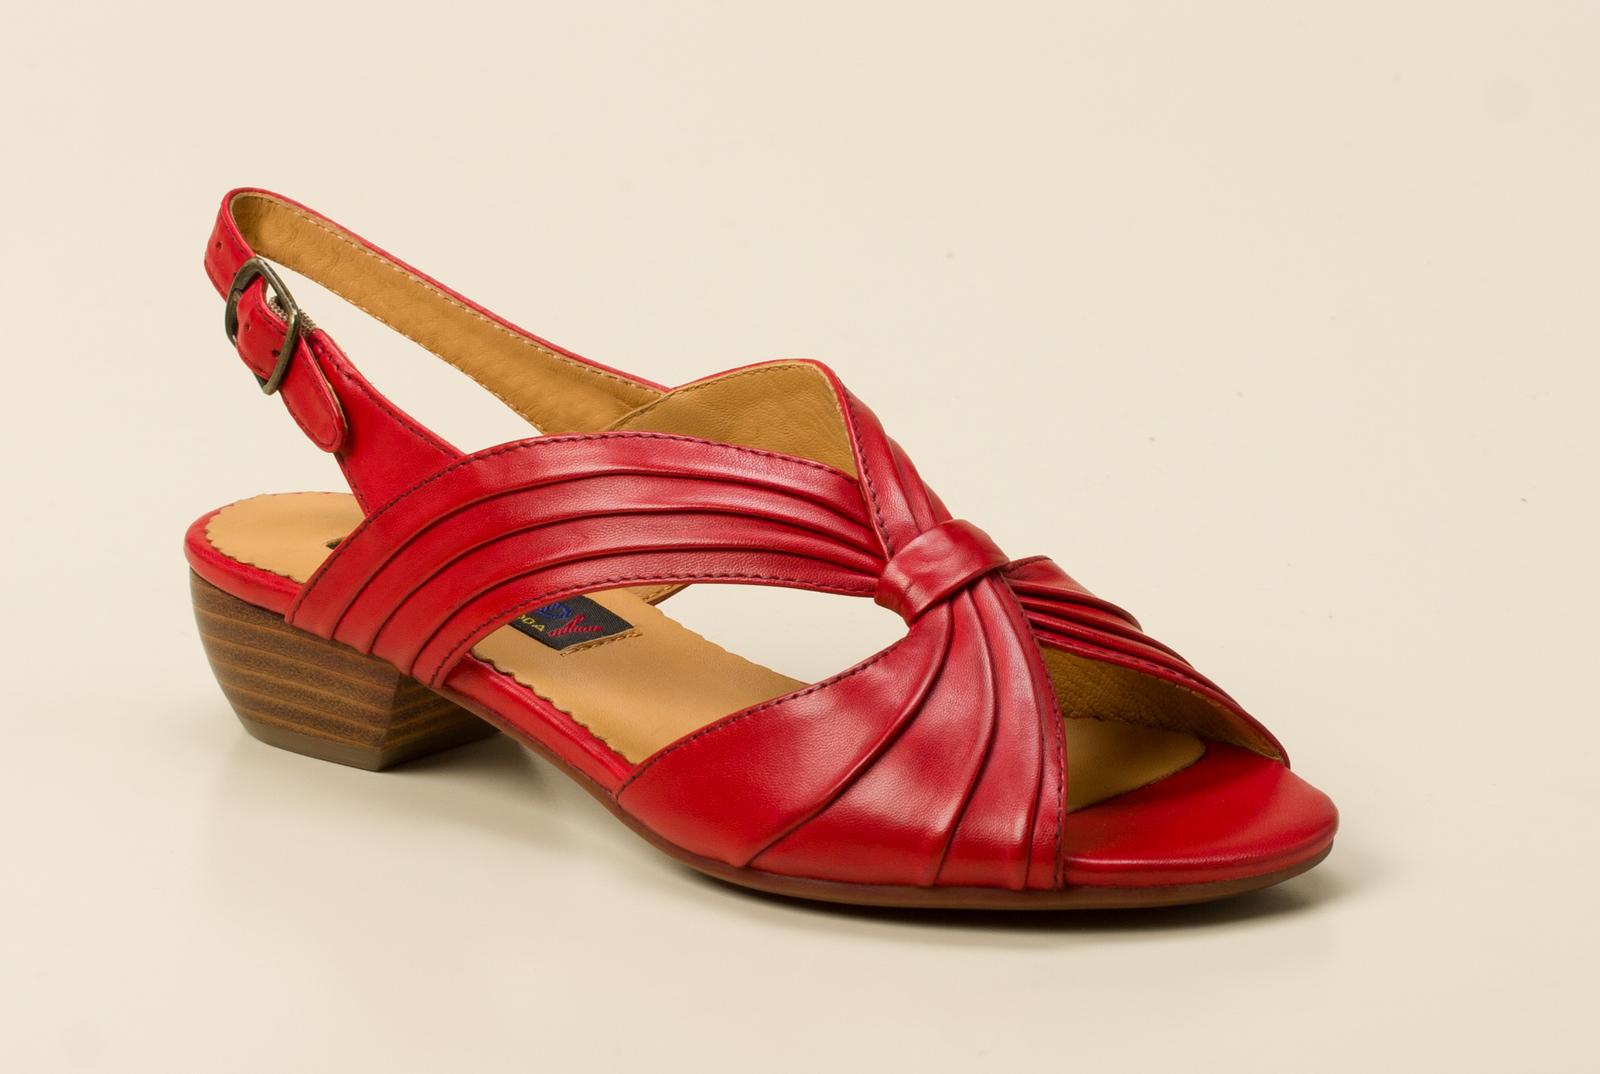 e008a34aad2f Everybody Damen Sandalette in rot kaufen   Zumnorde Online-Shop